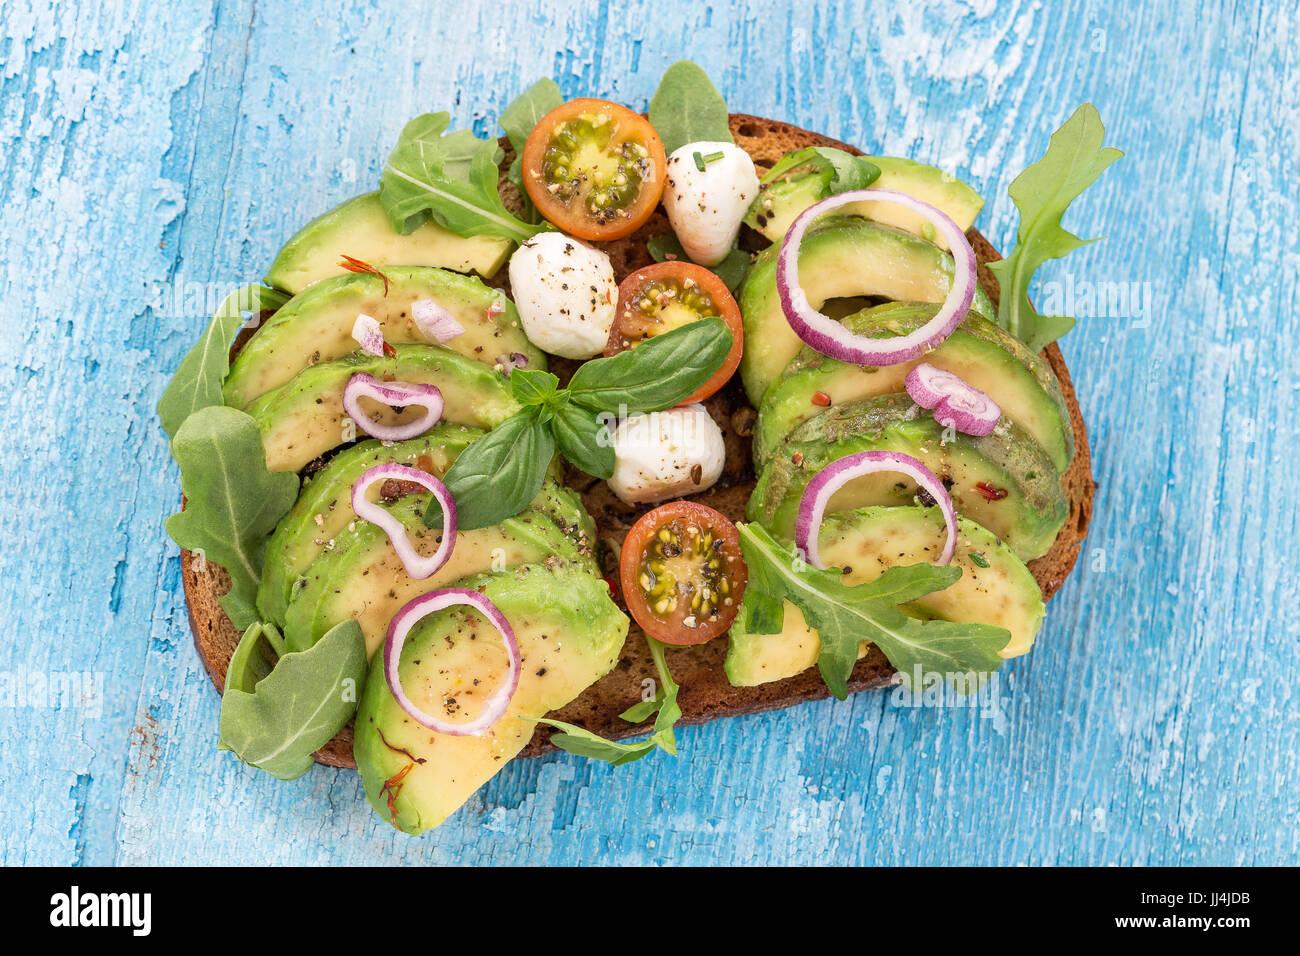 Vollkornbrot Avocado, Tomaten, Mozzarrela Sandwich mit frischen Kräutern, roten Zwiebeln auf Geschirrtuch Holzbrett Stockbild